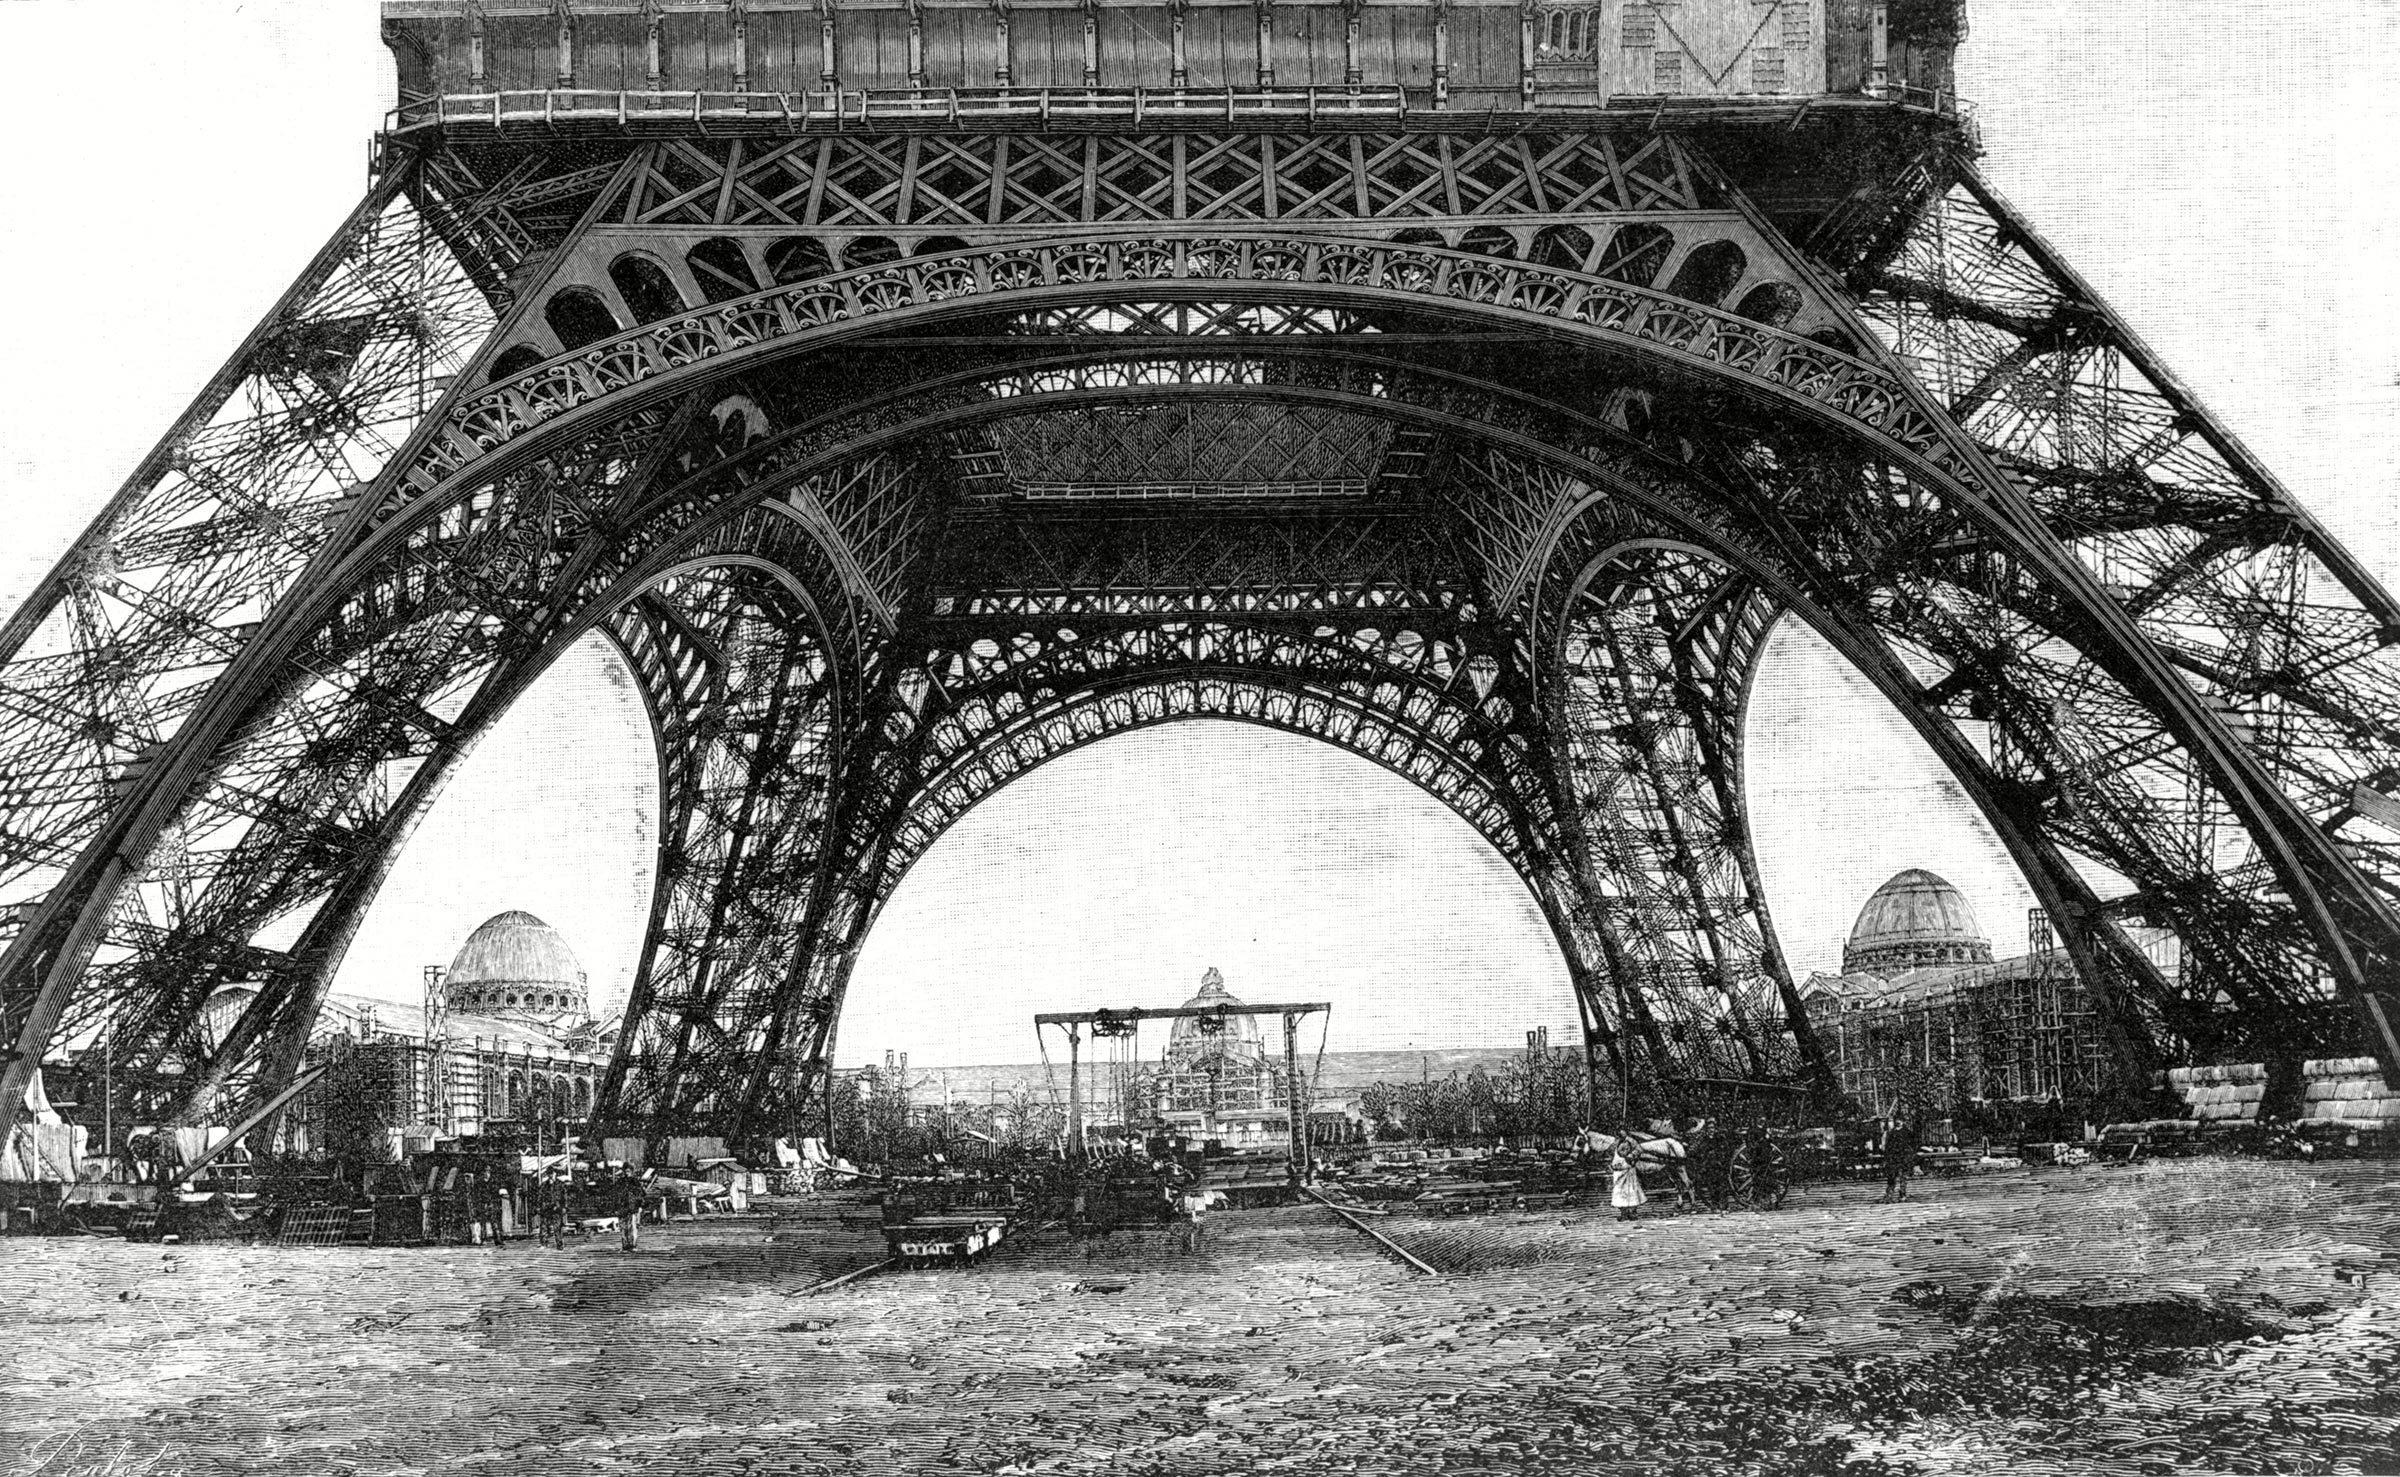 Paris, France - Tour Eiffel, Construction Work, 1889